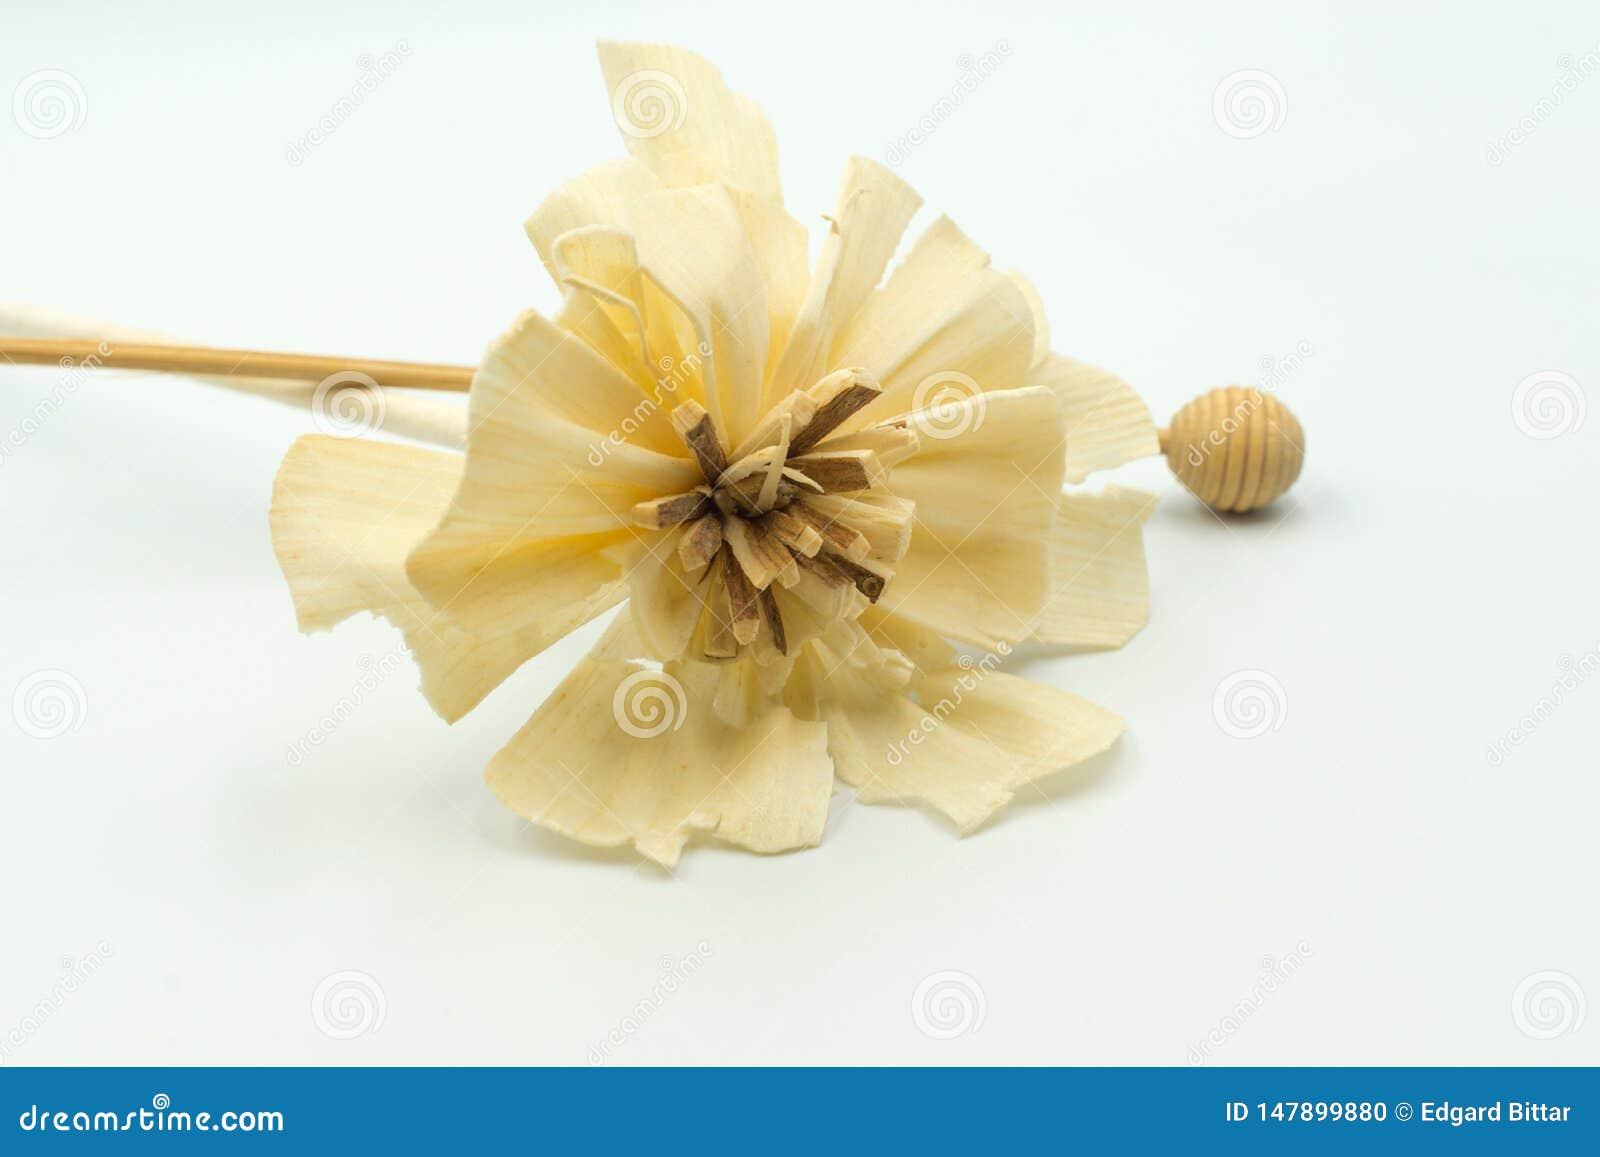 Flor artificial bege feito a mão para o evento